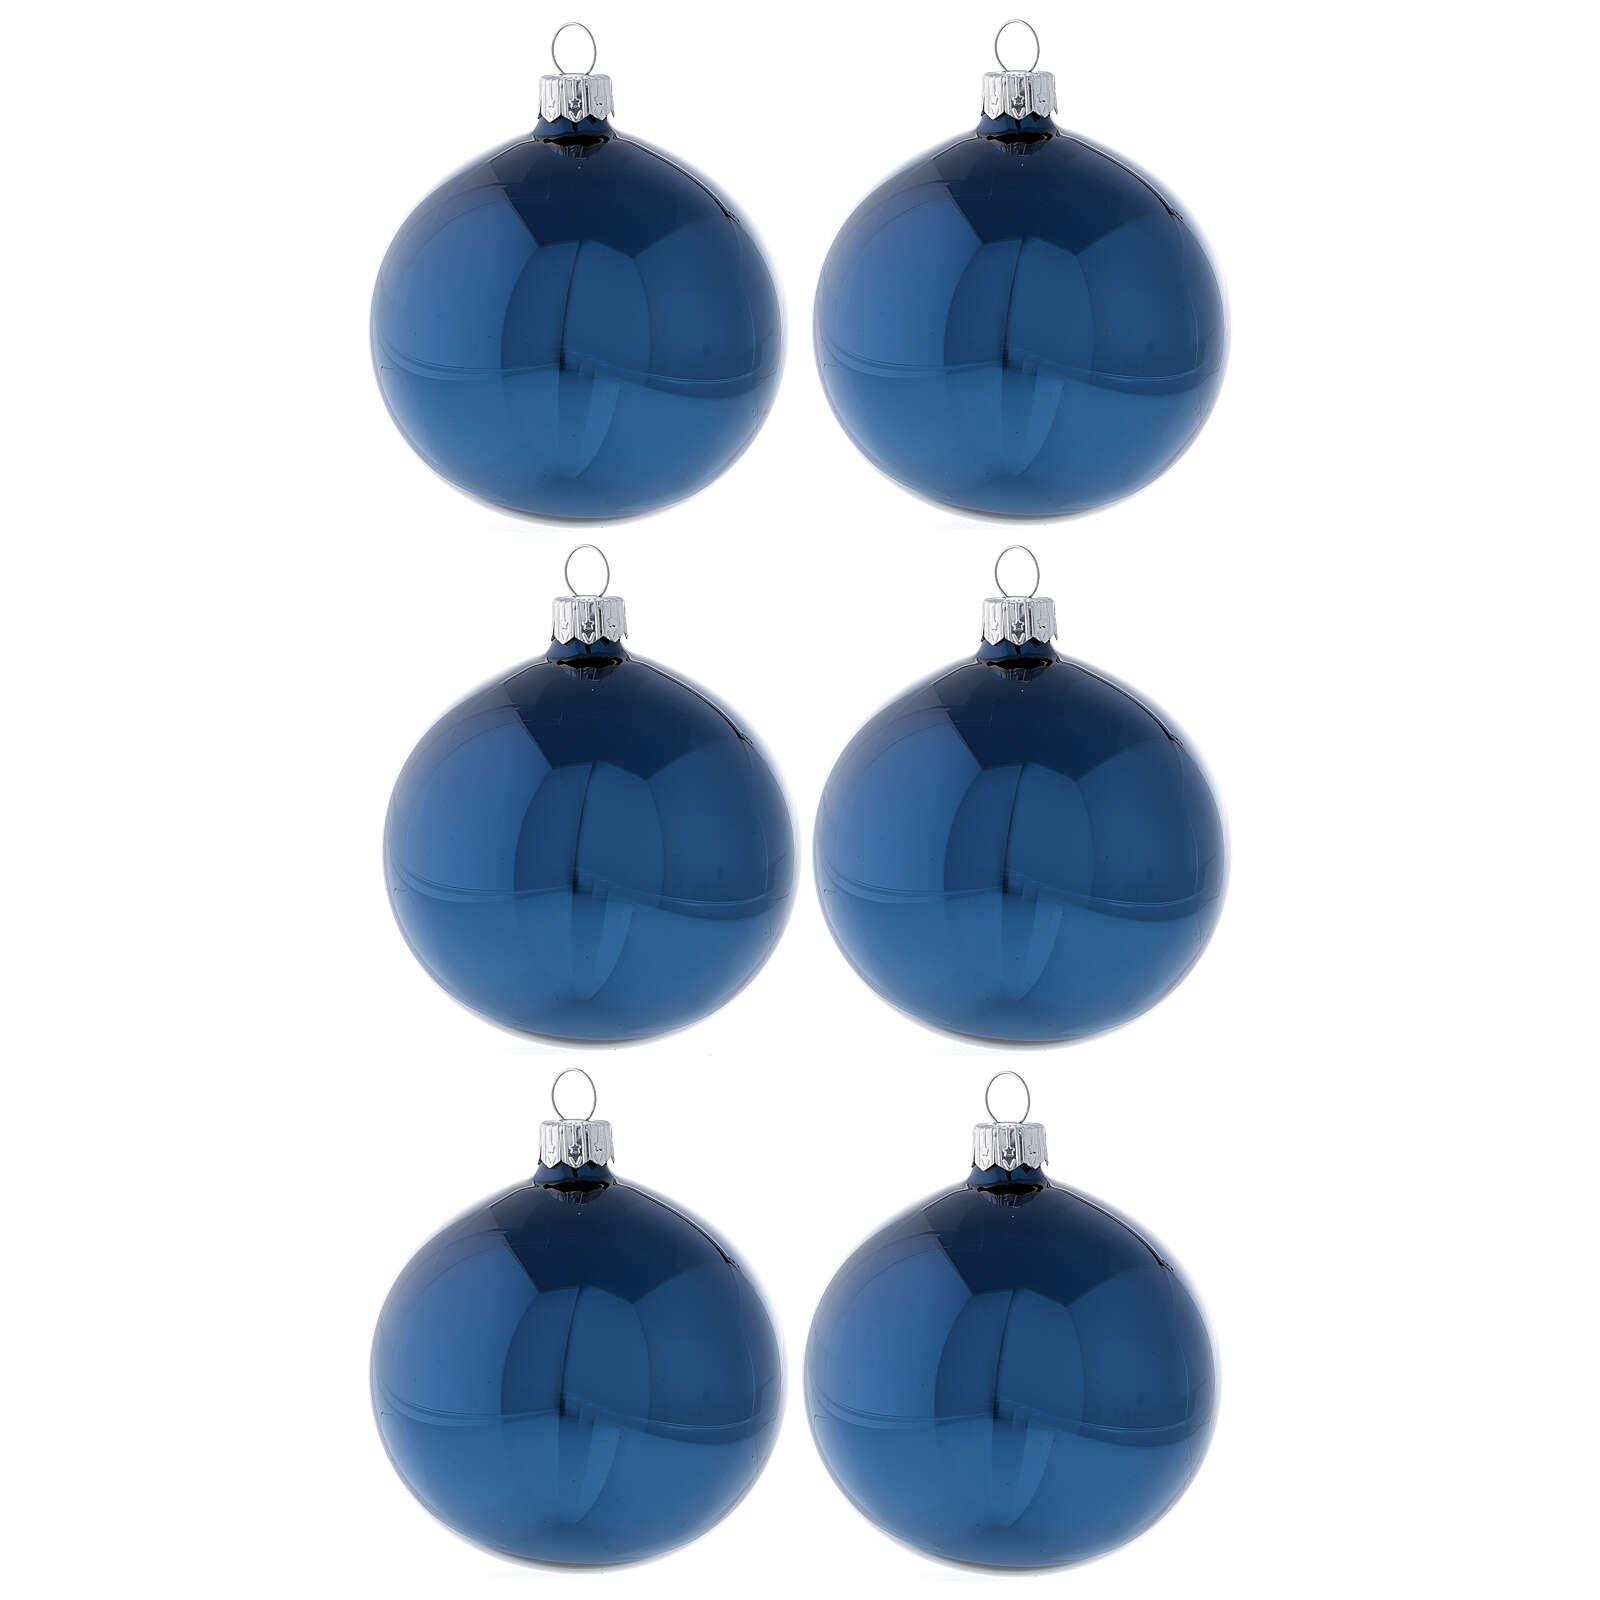 Boule sapin Noël bleu brillant verre soufflé 80 mm 6 pcs 4